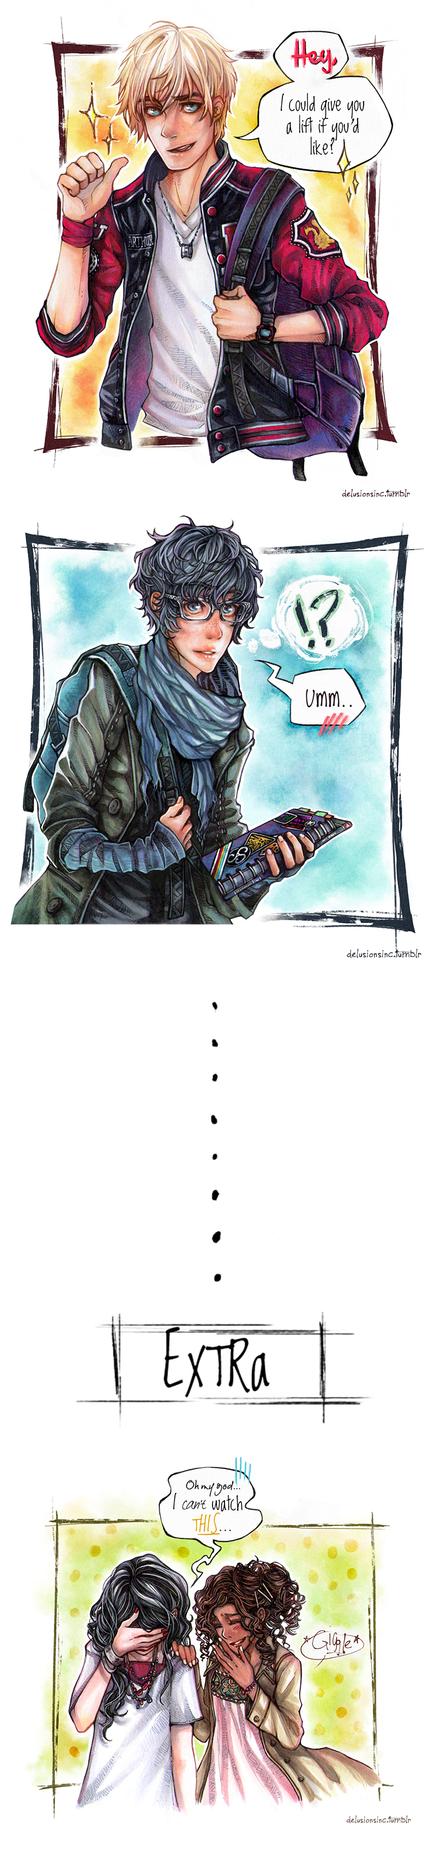 BBC Merlin: Need a lift? by Hanesihiko